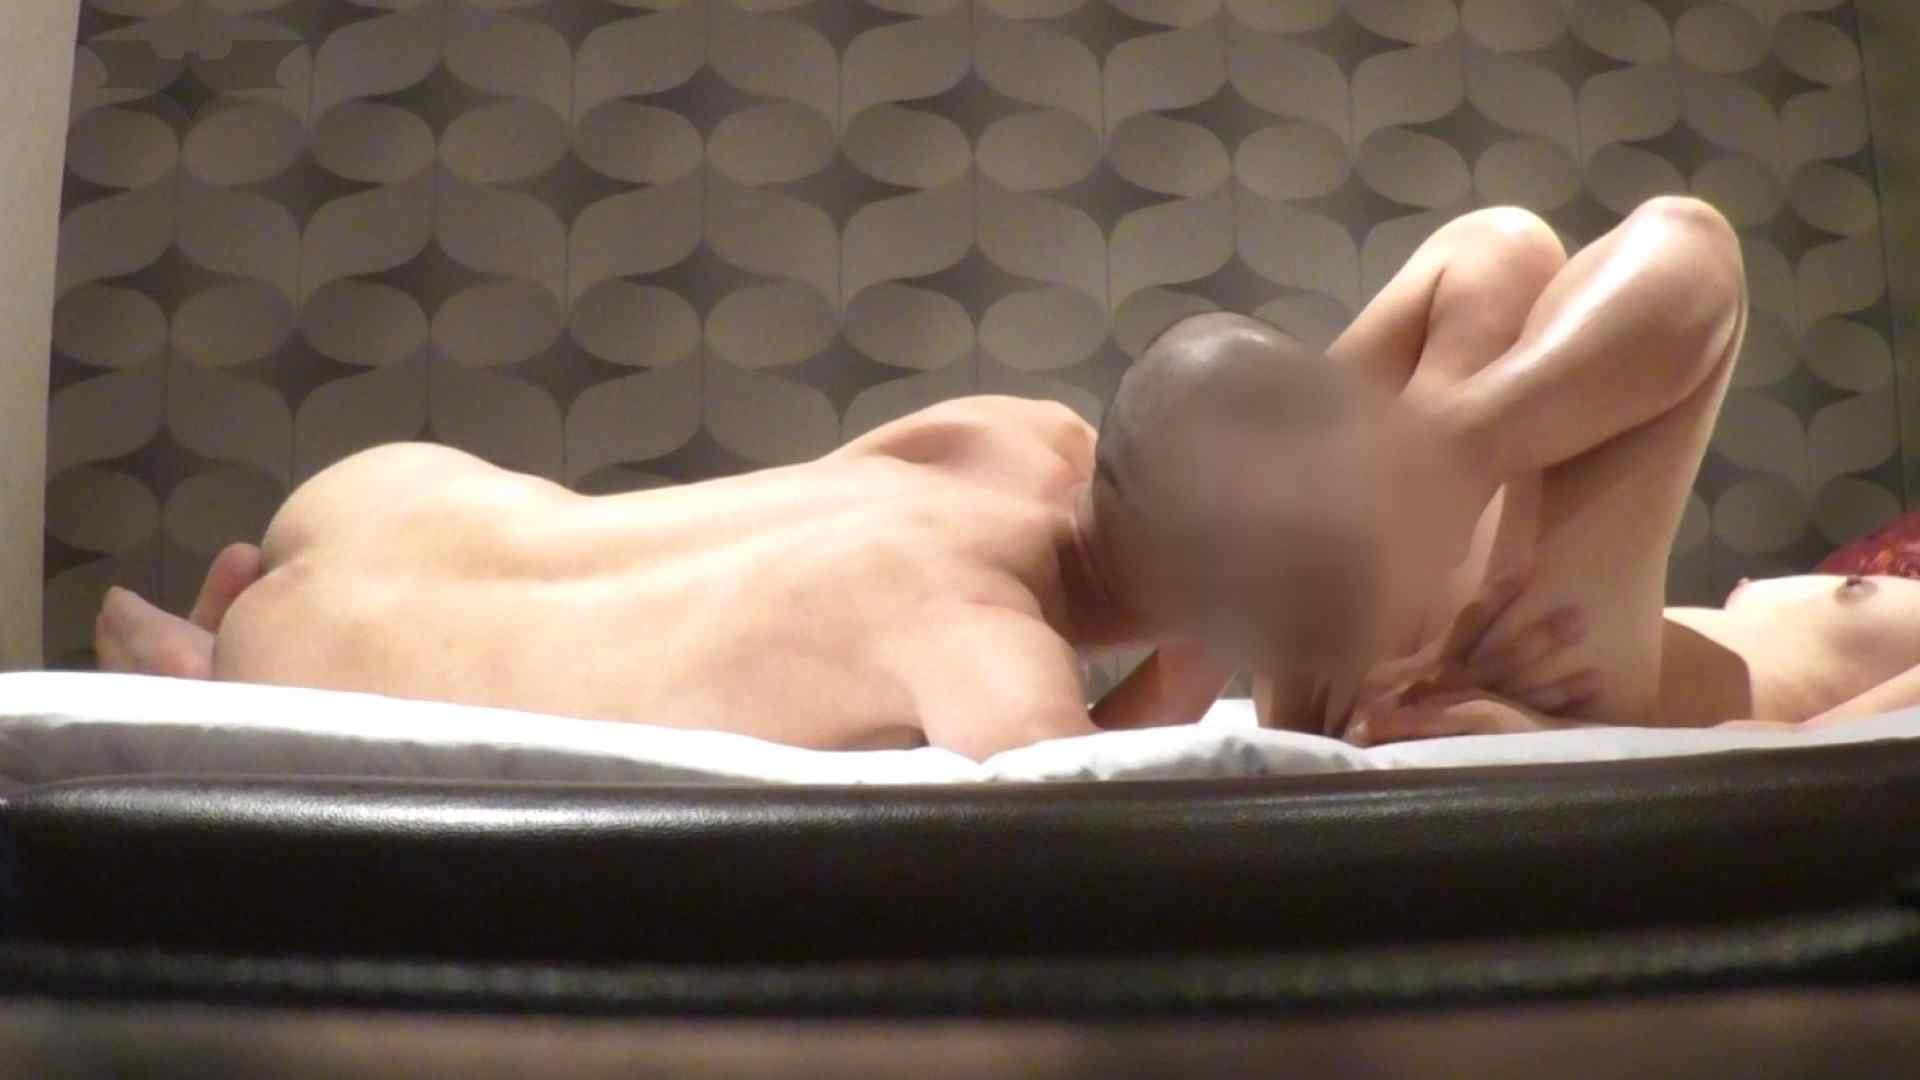 内緒でデリヘル盗撮 Vol.03後編 美肌、美人のデリ嬢わがまま息子がおかわり! 美乳 性交動画流出 81画像 46